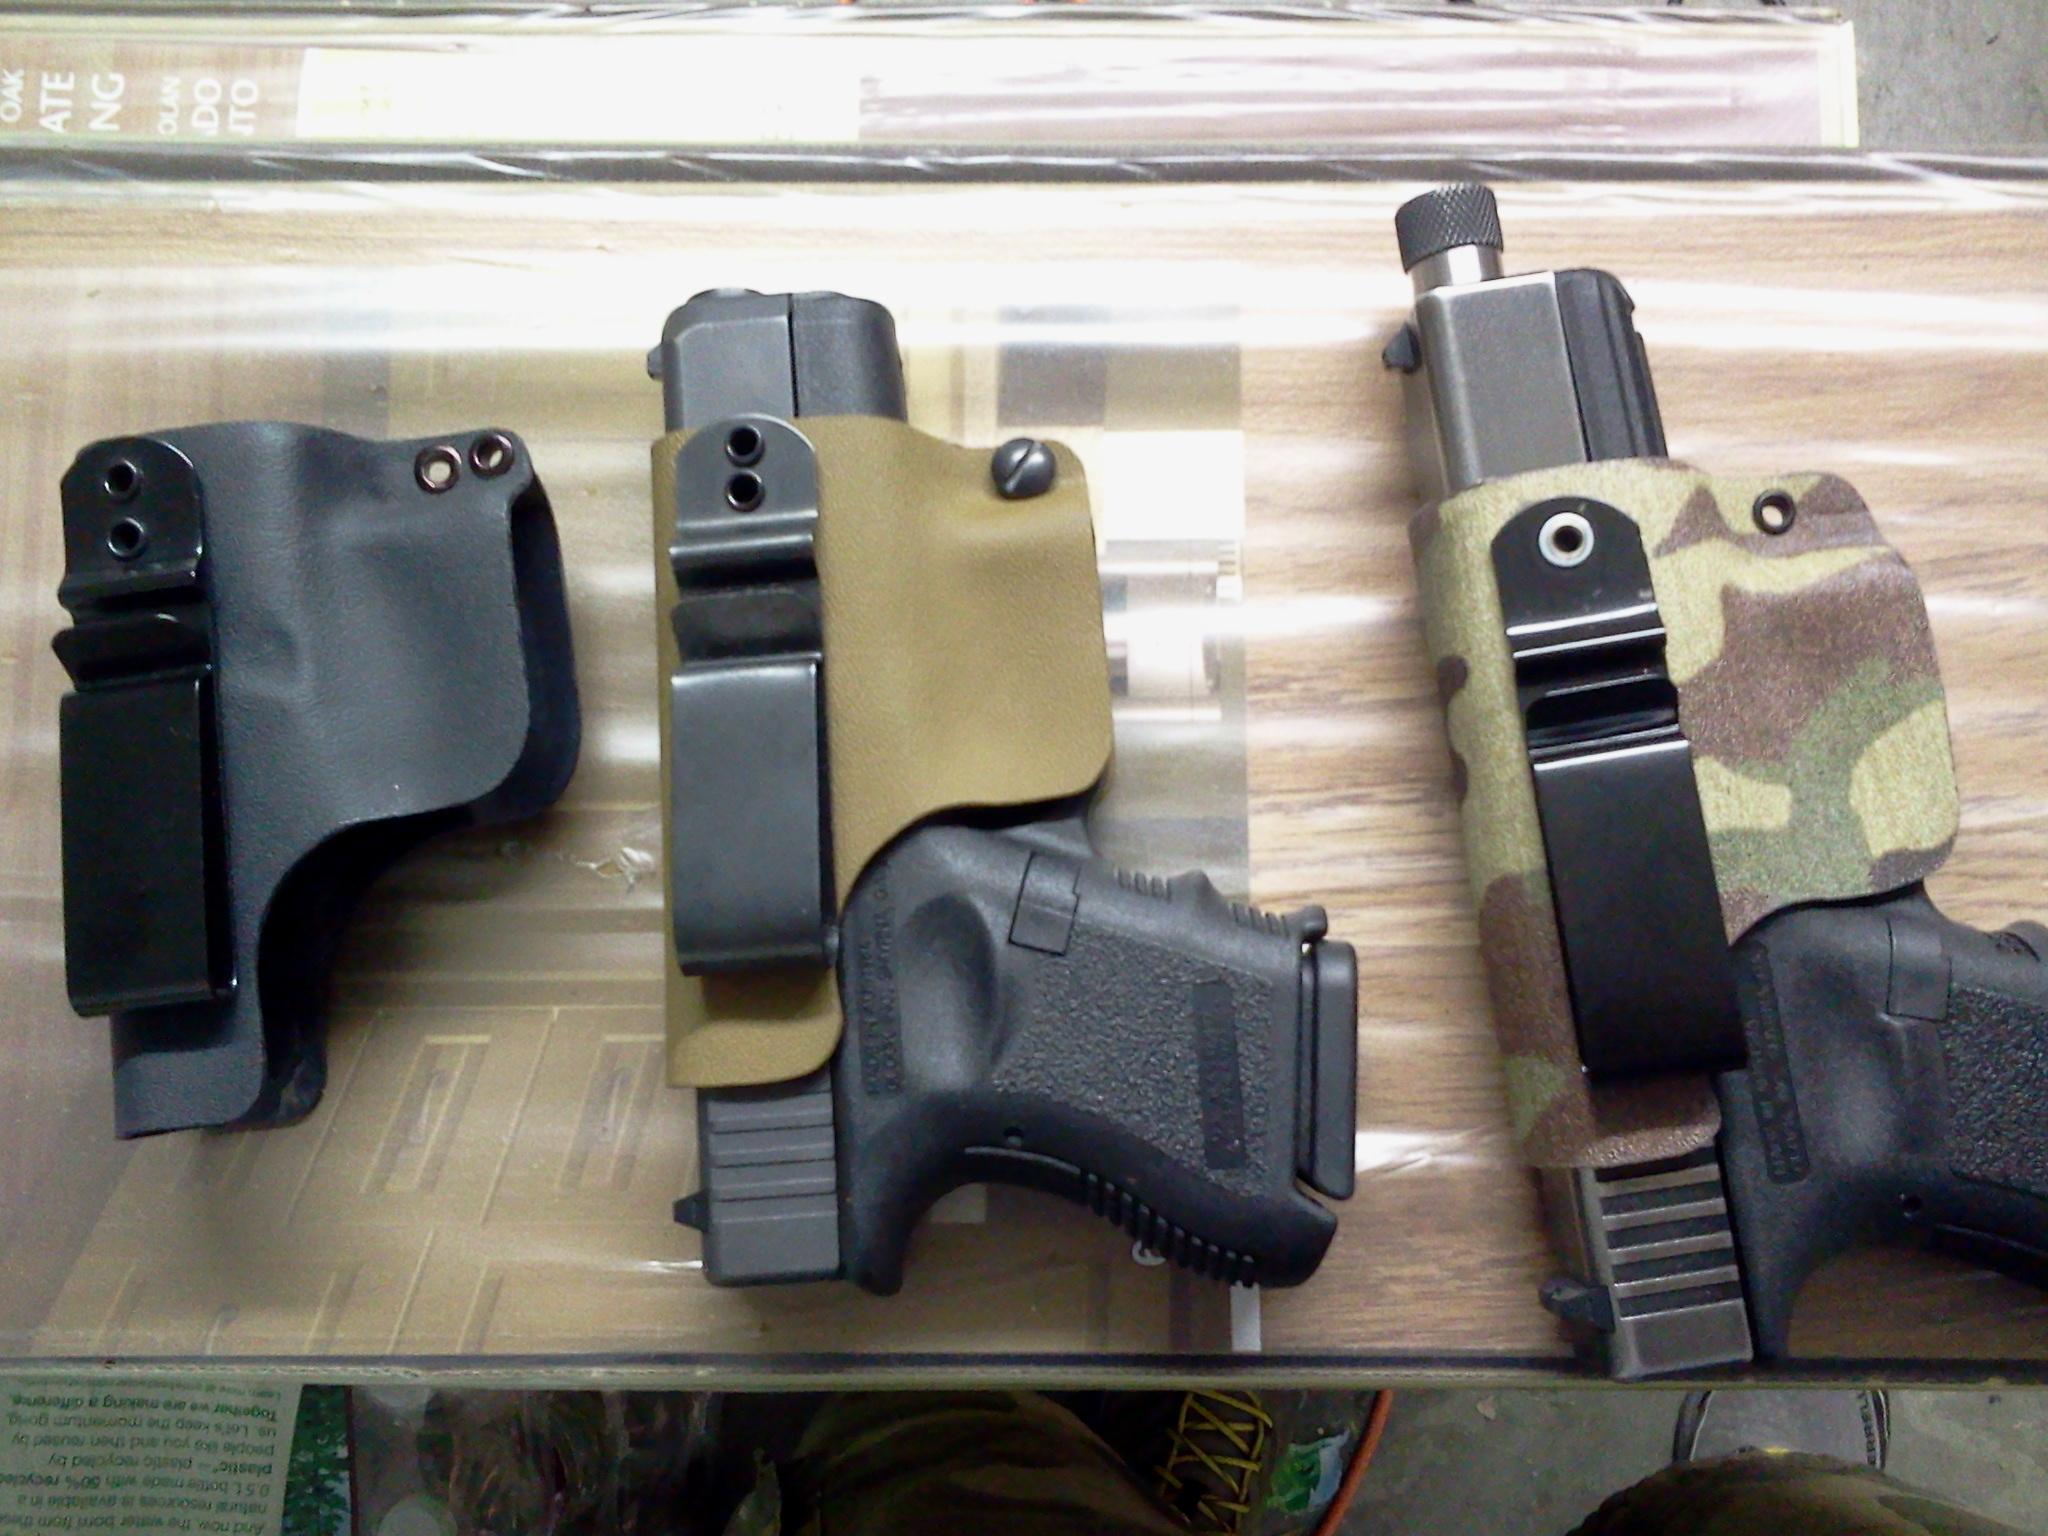 Kydex Holsters For sale Glock 17,18, 19, 22, 23, 26, 27      (20$)-2013-05-21_13.06.21.jpg